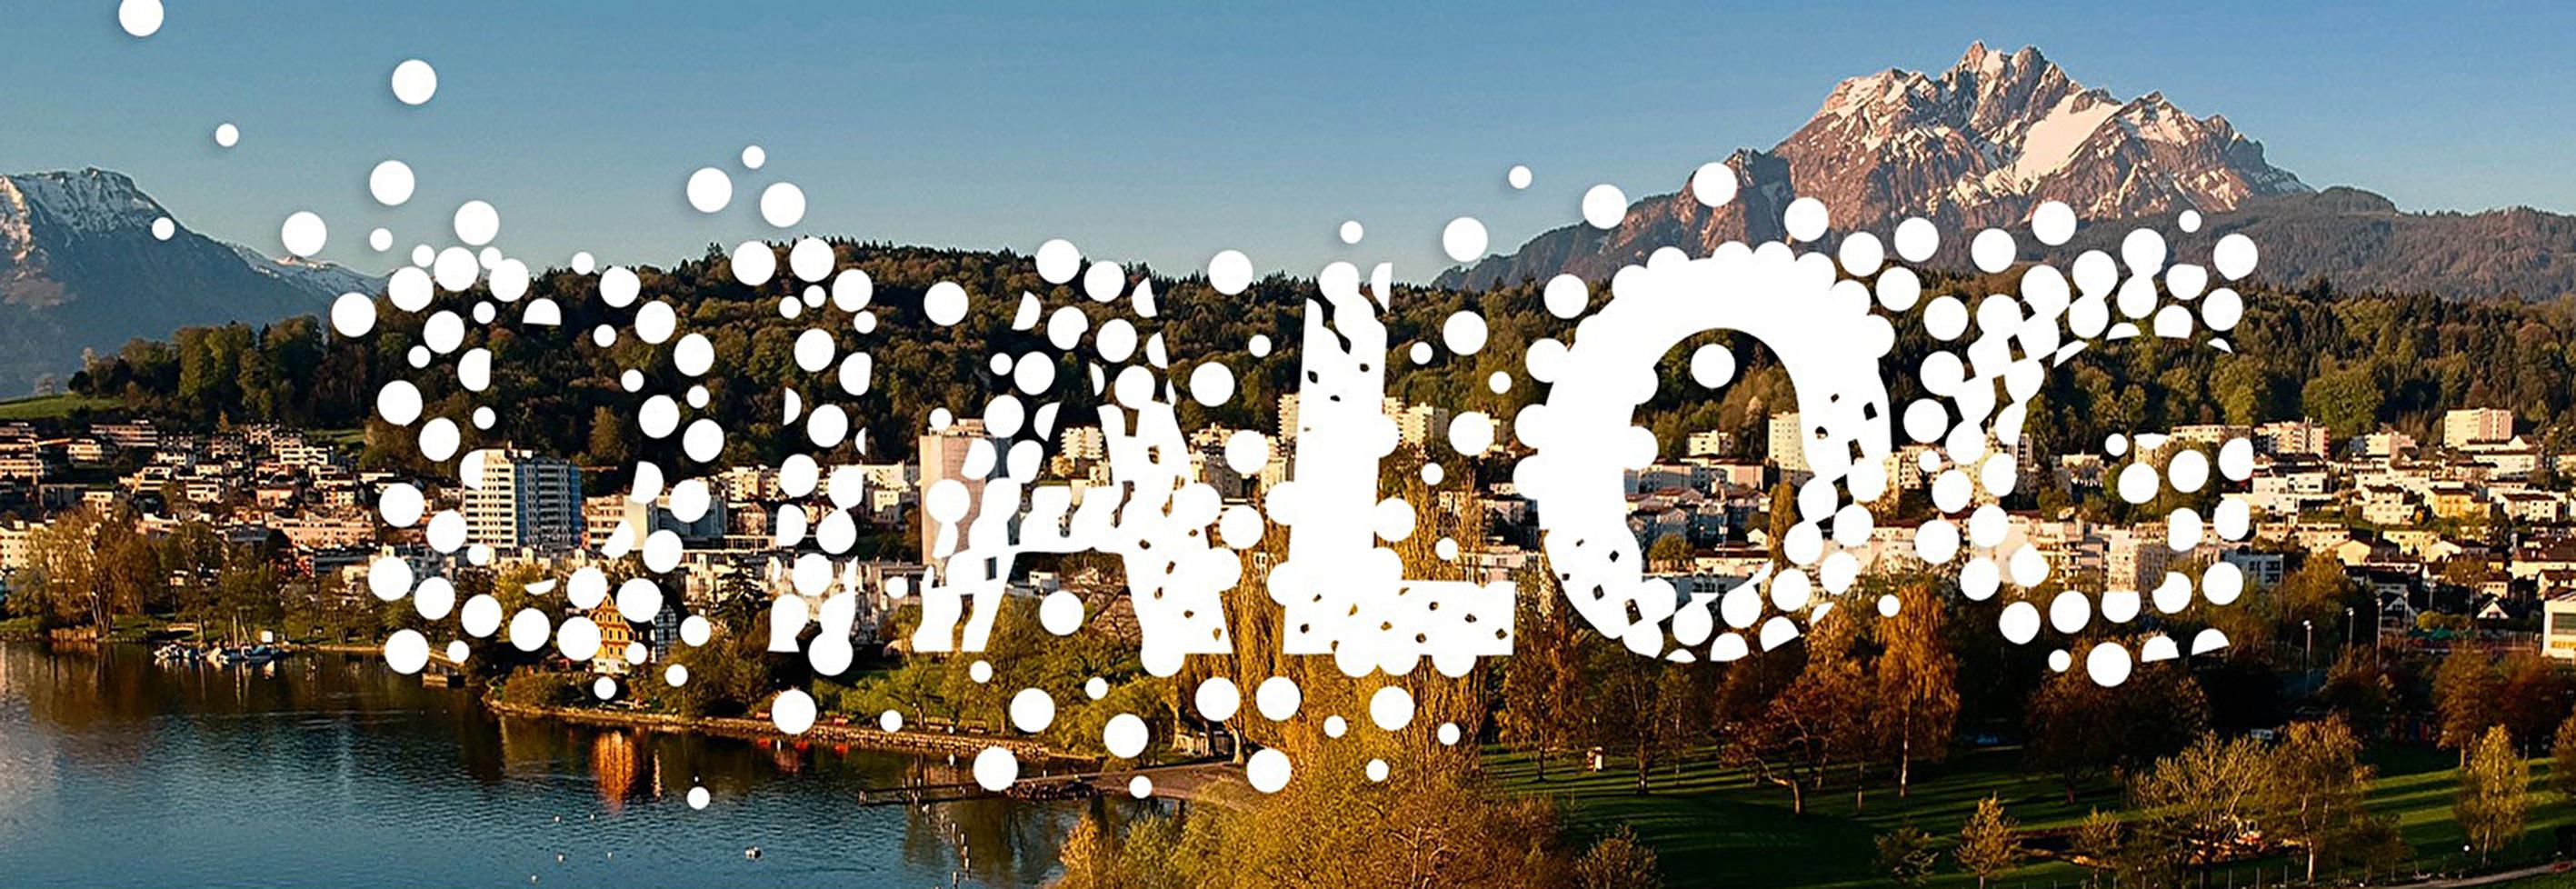 Dialog Luzern